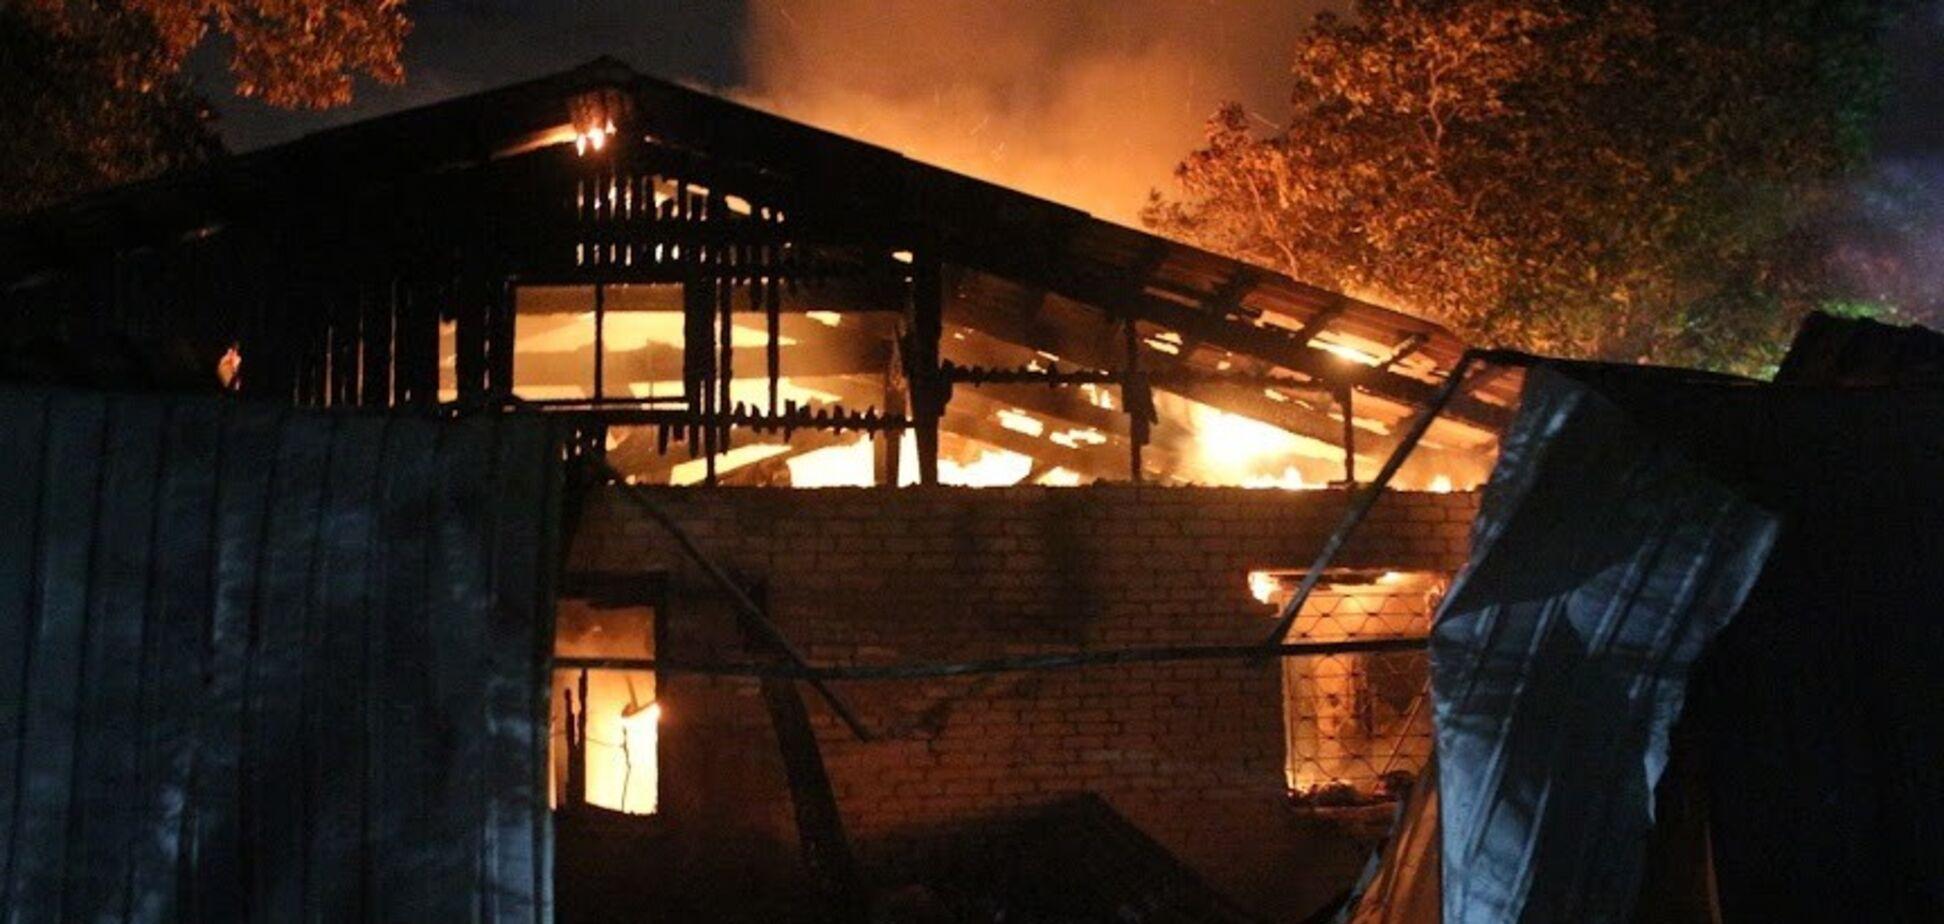 В Одессе пожар охватил психбольницу: люди сгорели заживо. Фото 18+